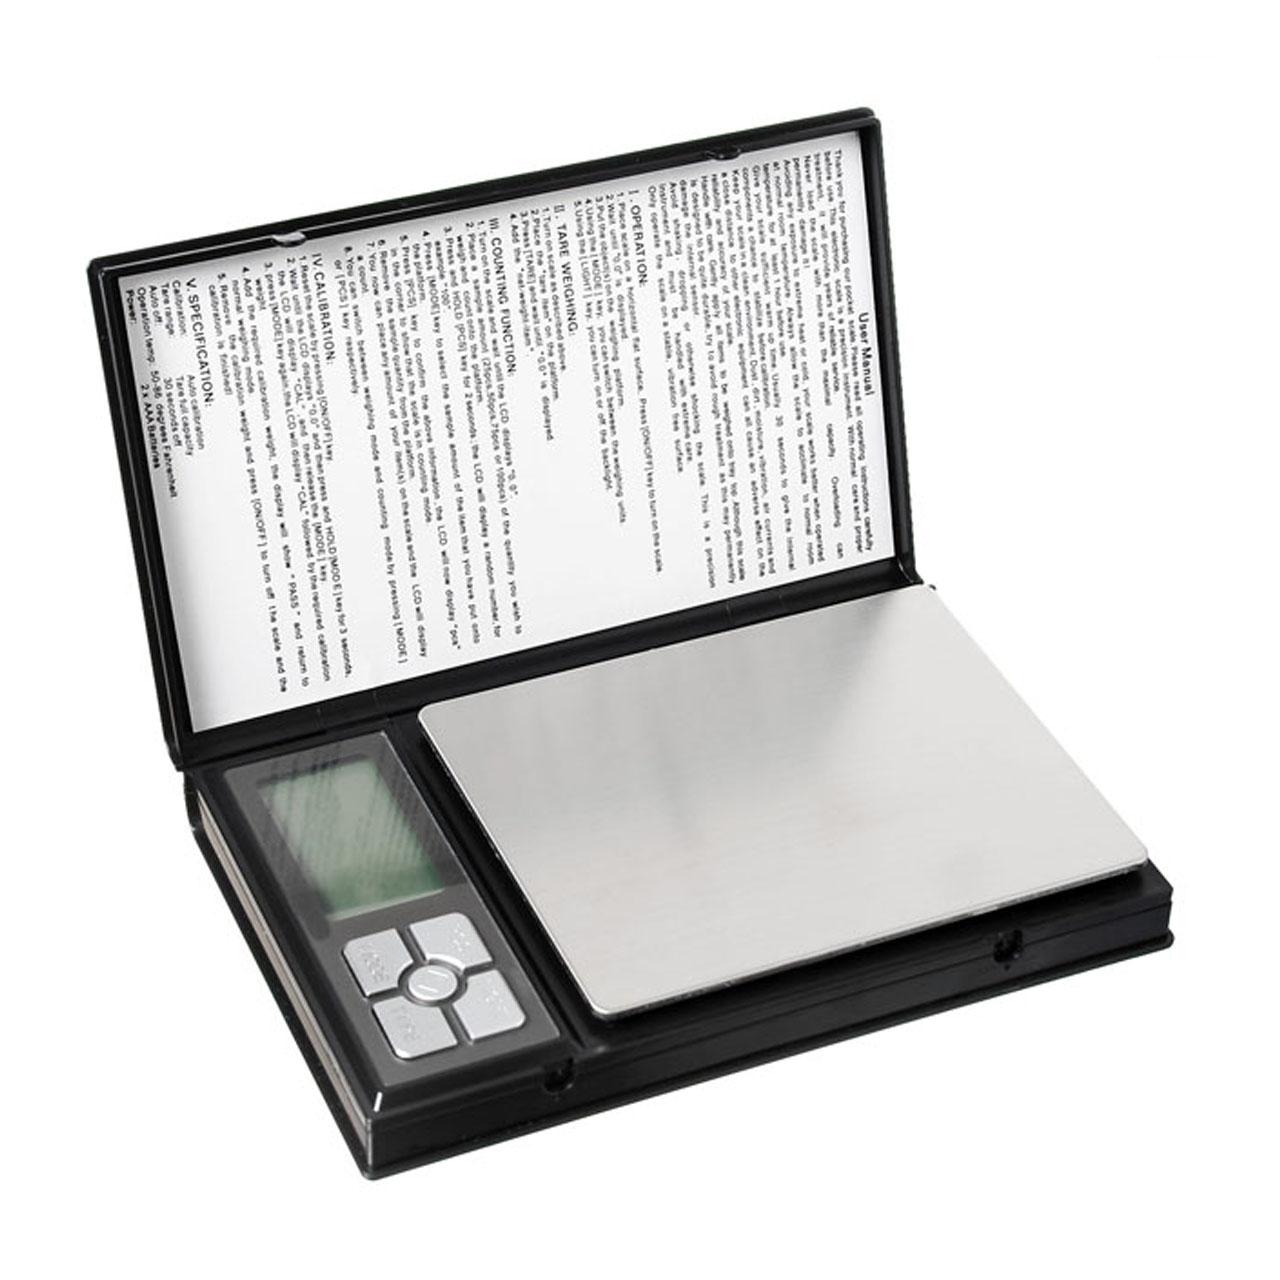 ترازو دیجیتال کانستانت مدل 33-14192